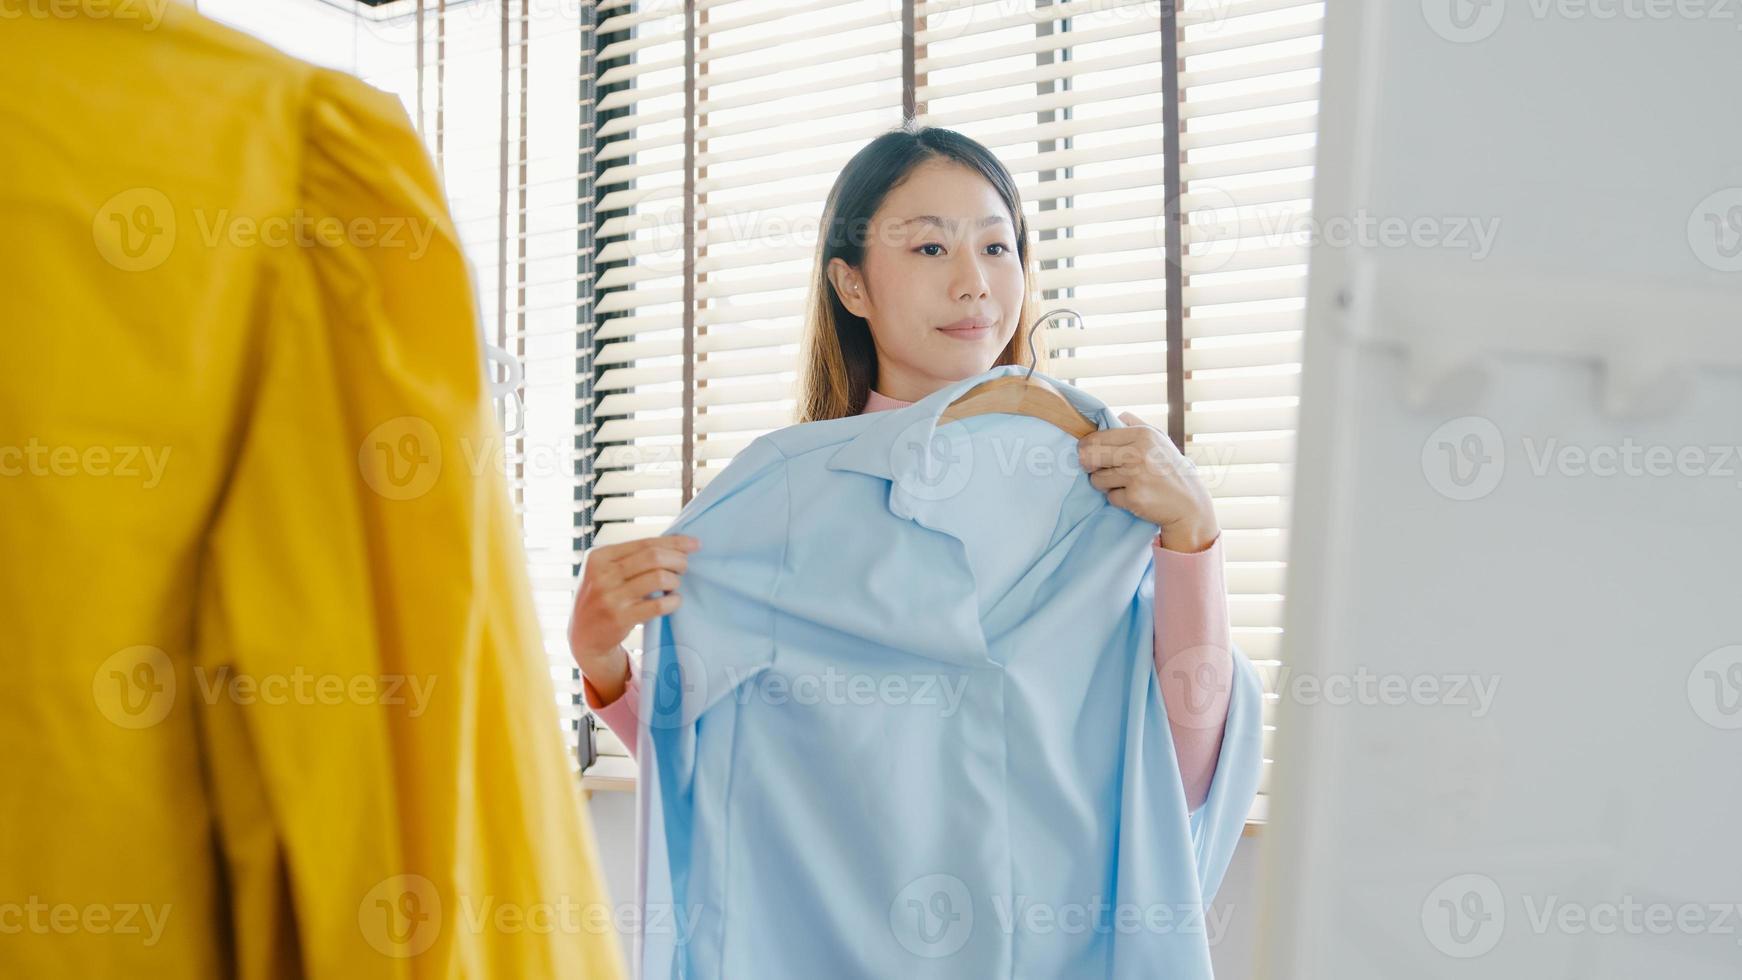 belle dame asiatique séduisante choisissant des vêtements sur un portemanteau s'habillant en se regardant dans un miroir dans la chambre de la maison. fille pense quoi porter chemise décontractée. les femmes de style de vie se détendent à la maison concept. photo